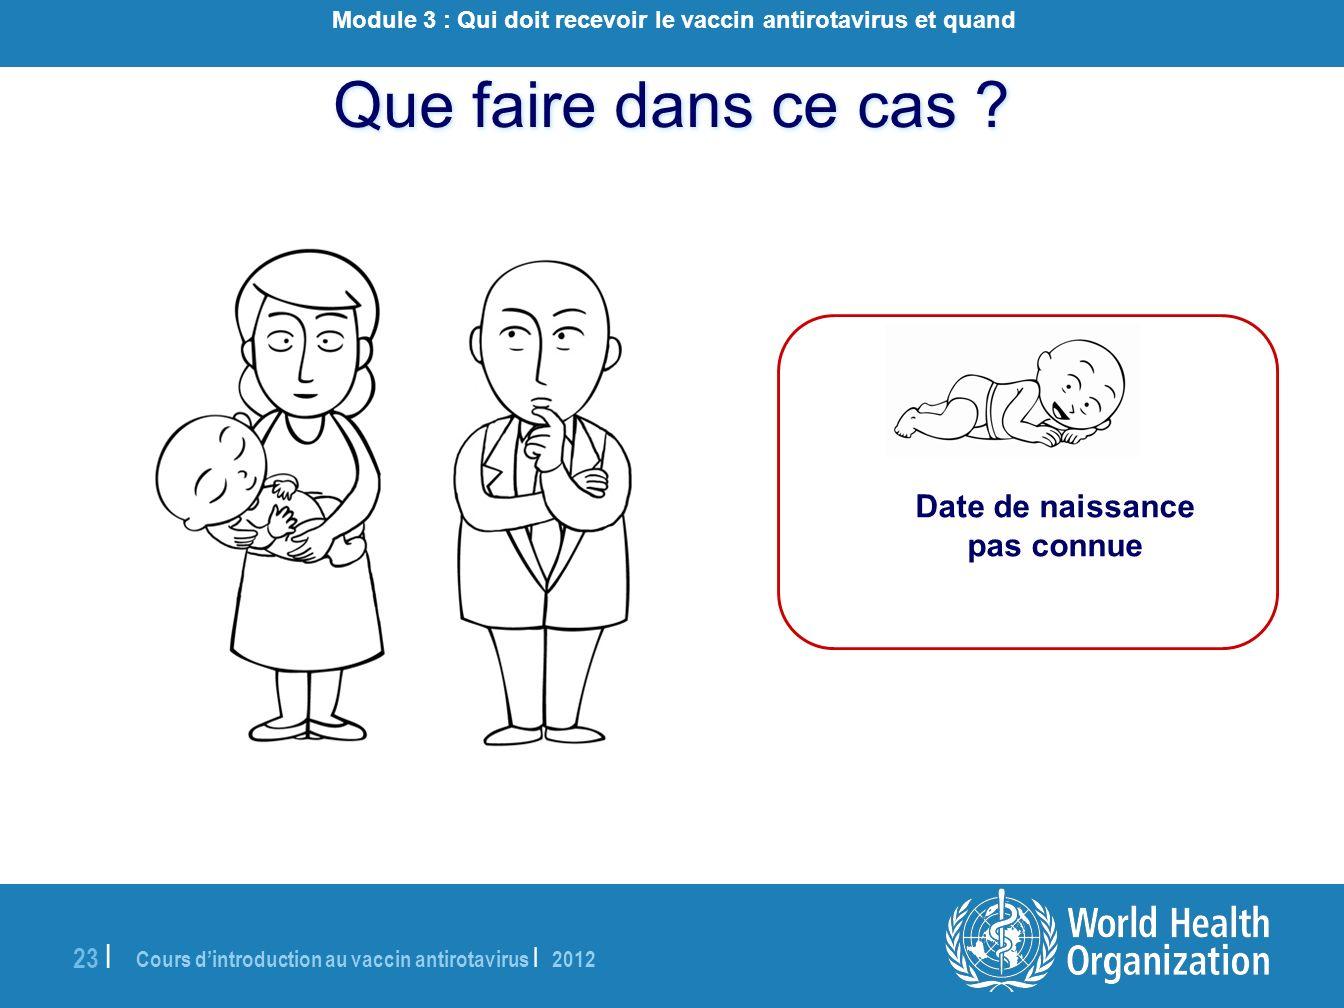 Cours dintroduction au vaccin antirotavirus | 2012 23 | Que faire dans ce cas ? Date de naissance pas connue Module 3 : Qui doit recevoir le vaccin an